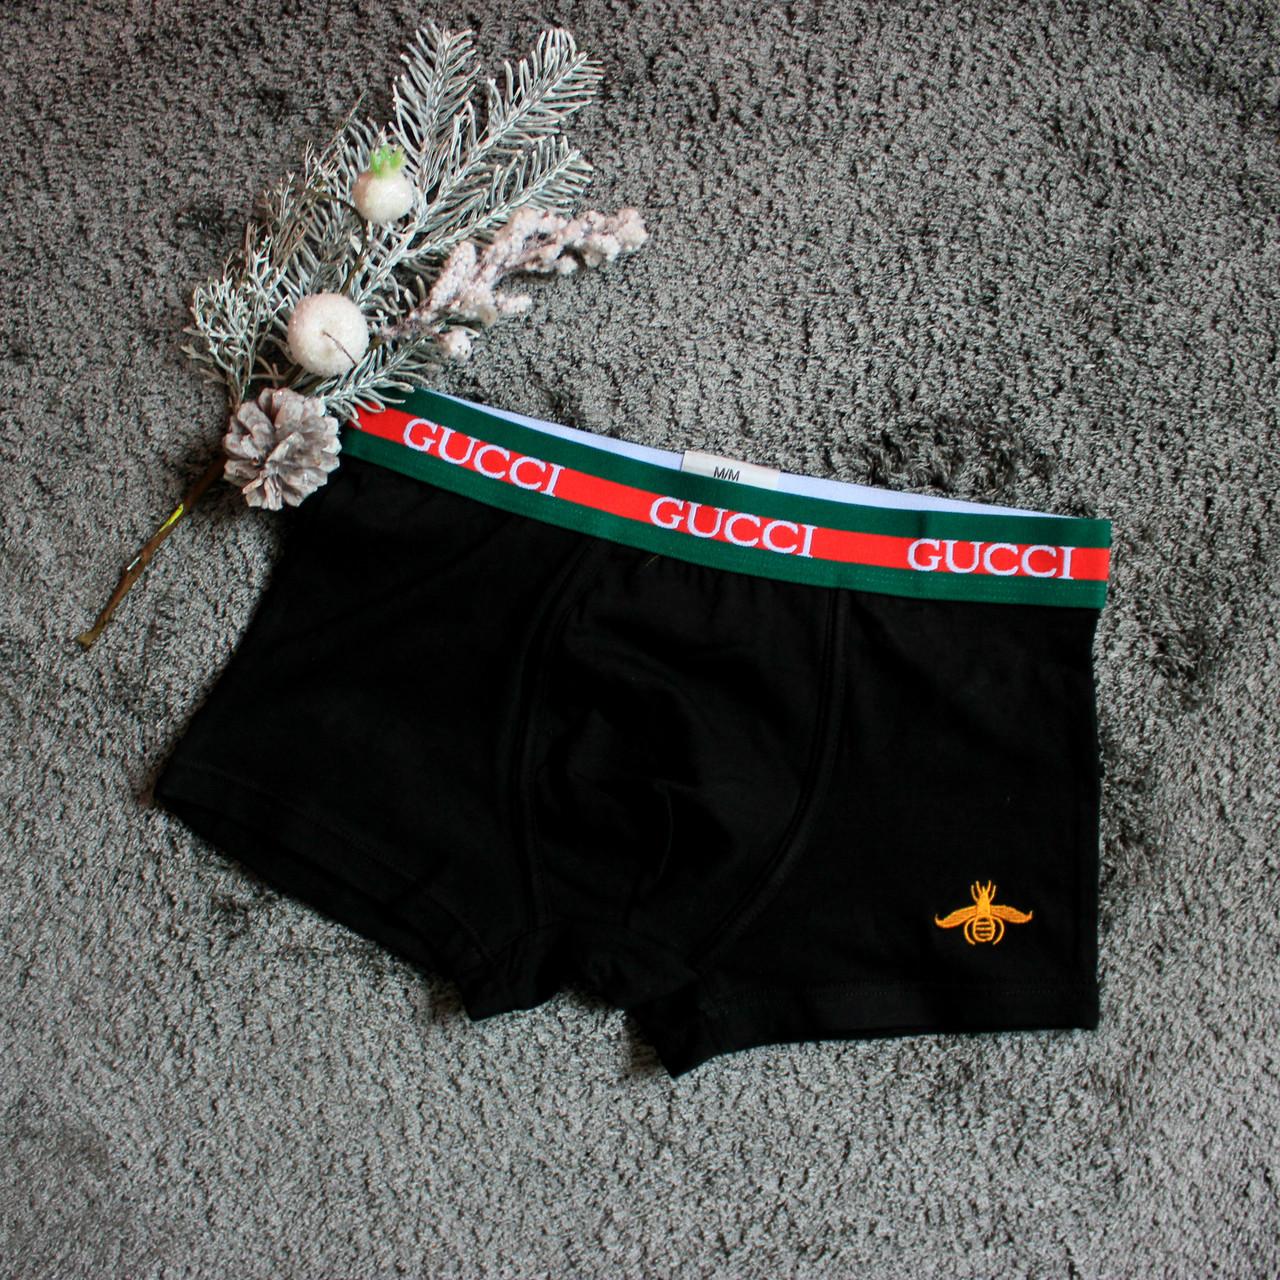 00c193b0fe803 Трусы мужские Gucci черные 100% хлопок, цена 169 грн., купить в Киеве —  Prom.ua (ID#893493806)